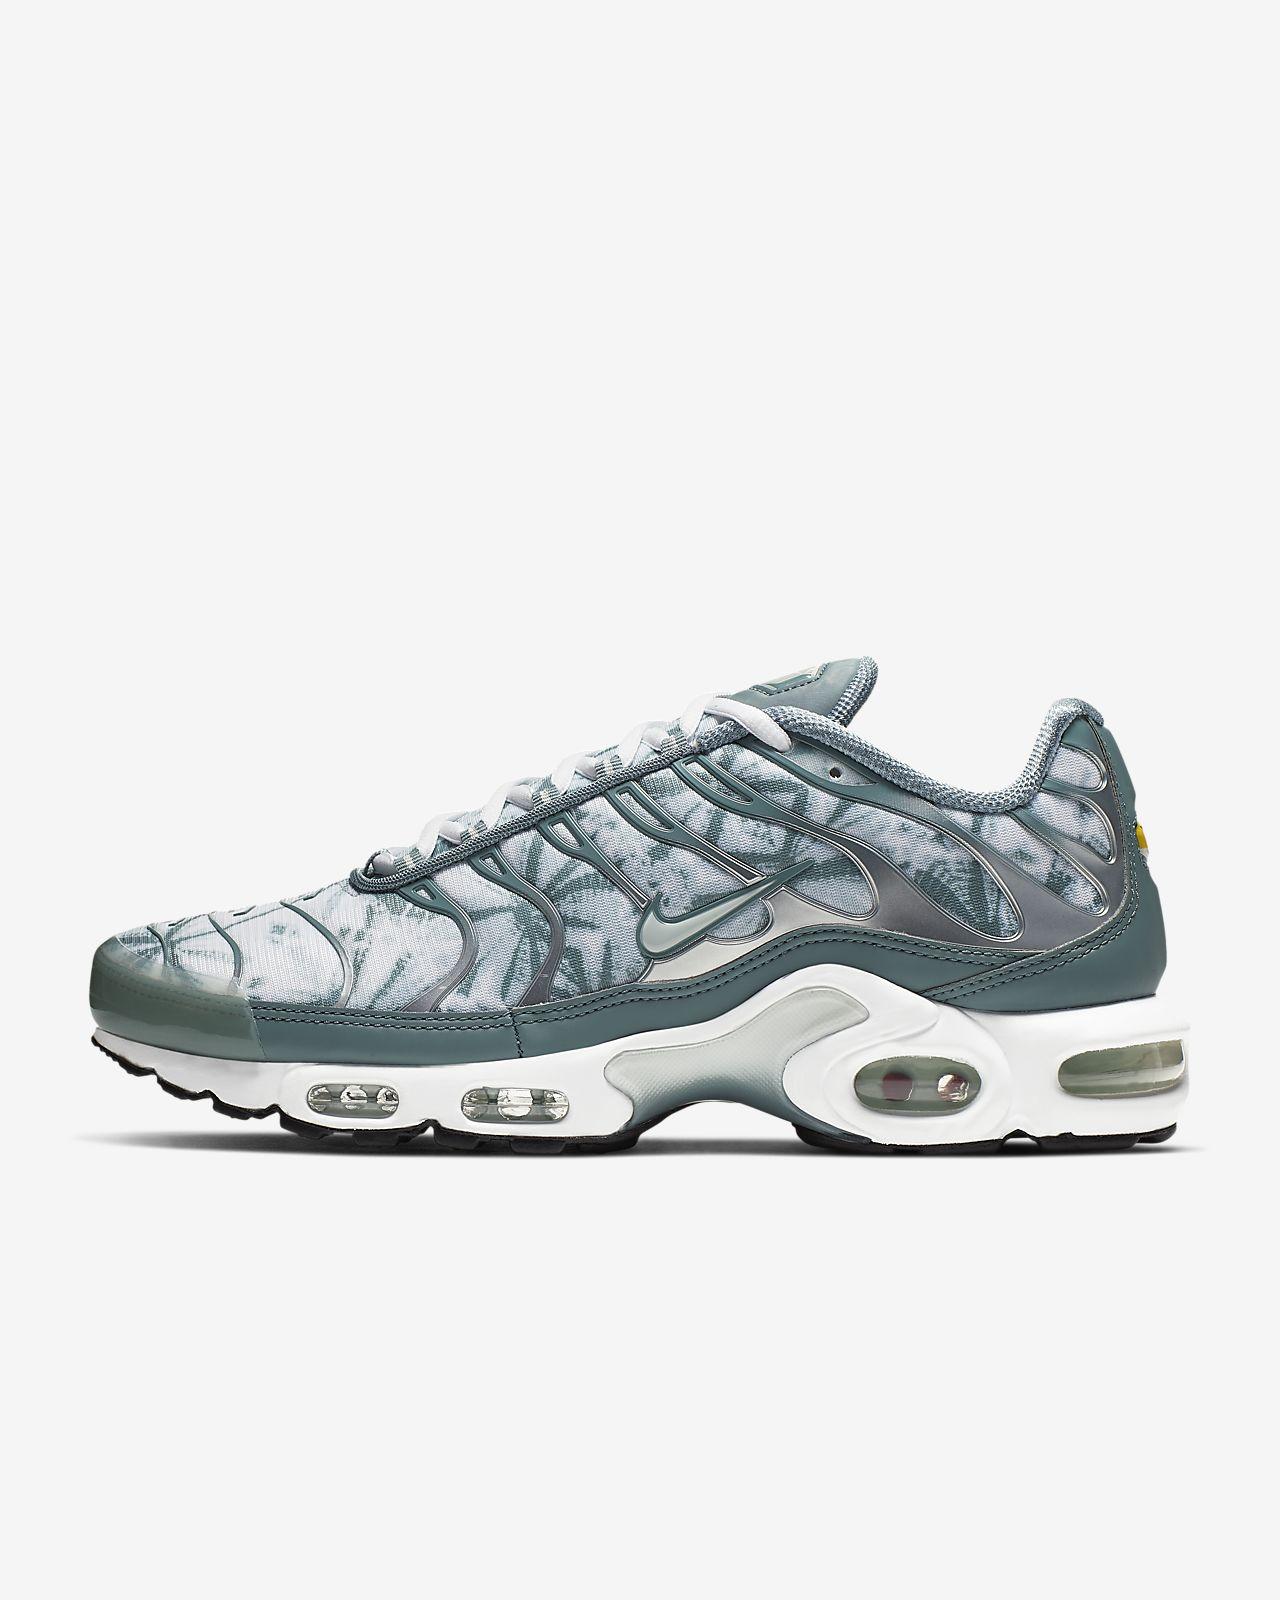 Chaussure Nike Air Max Plus OG